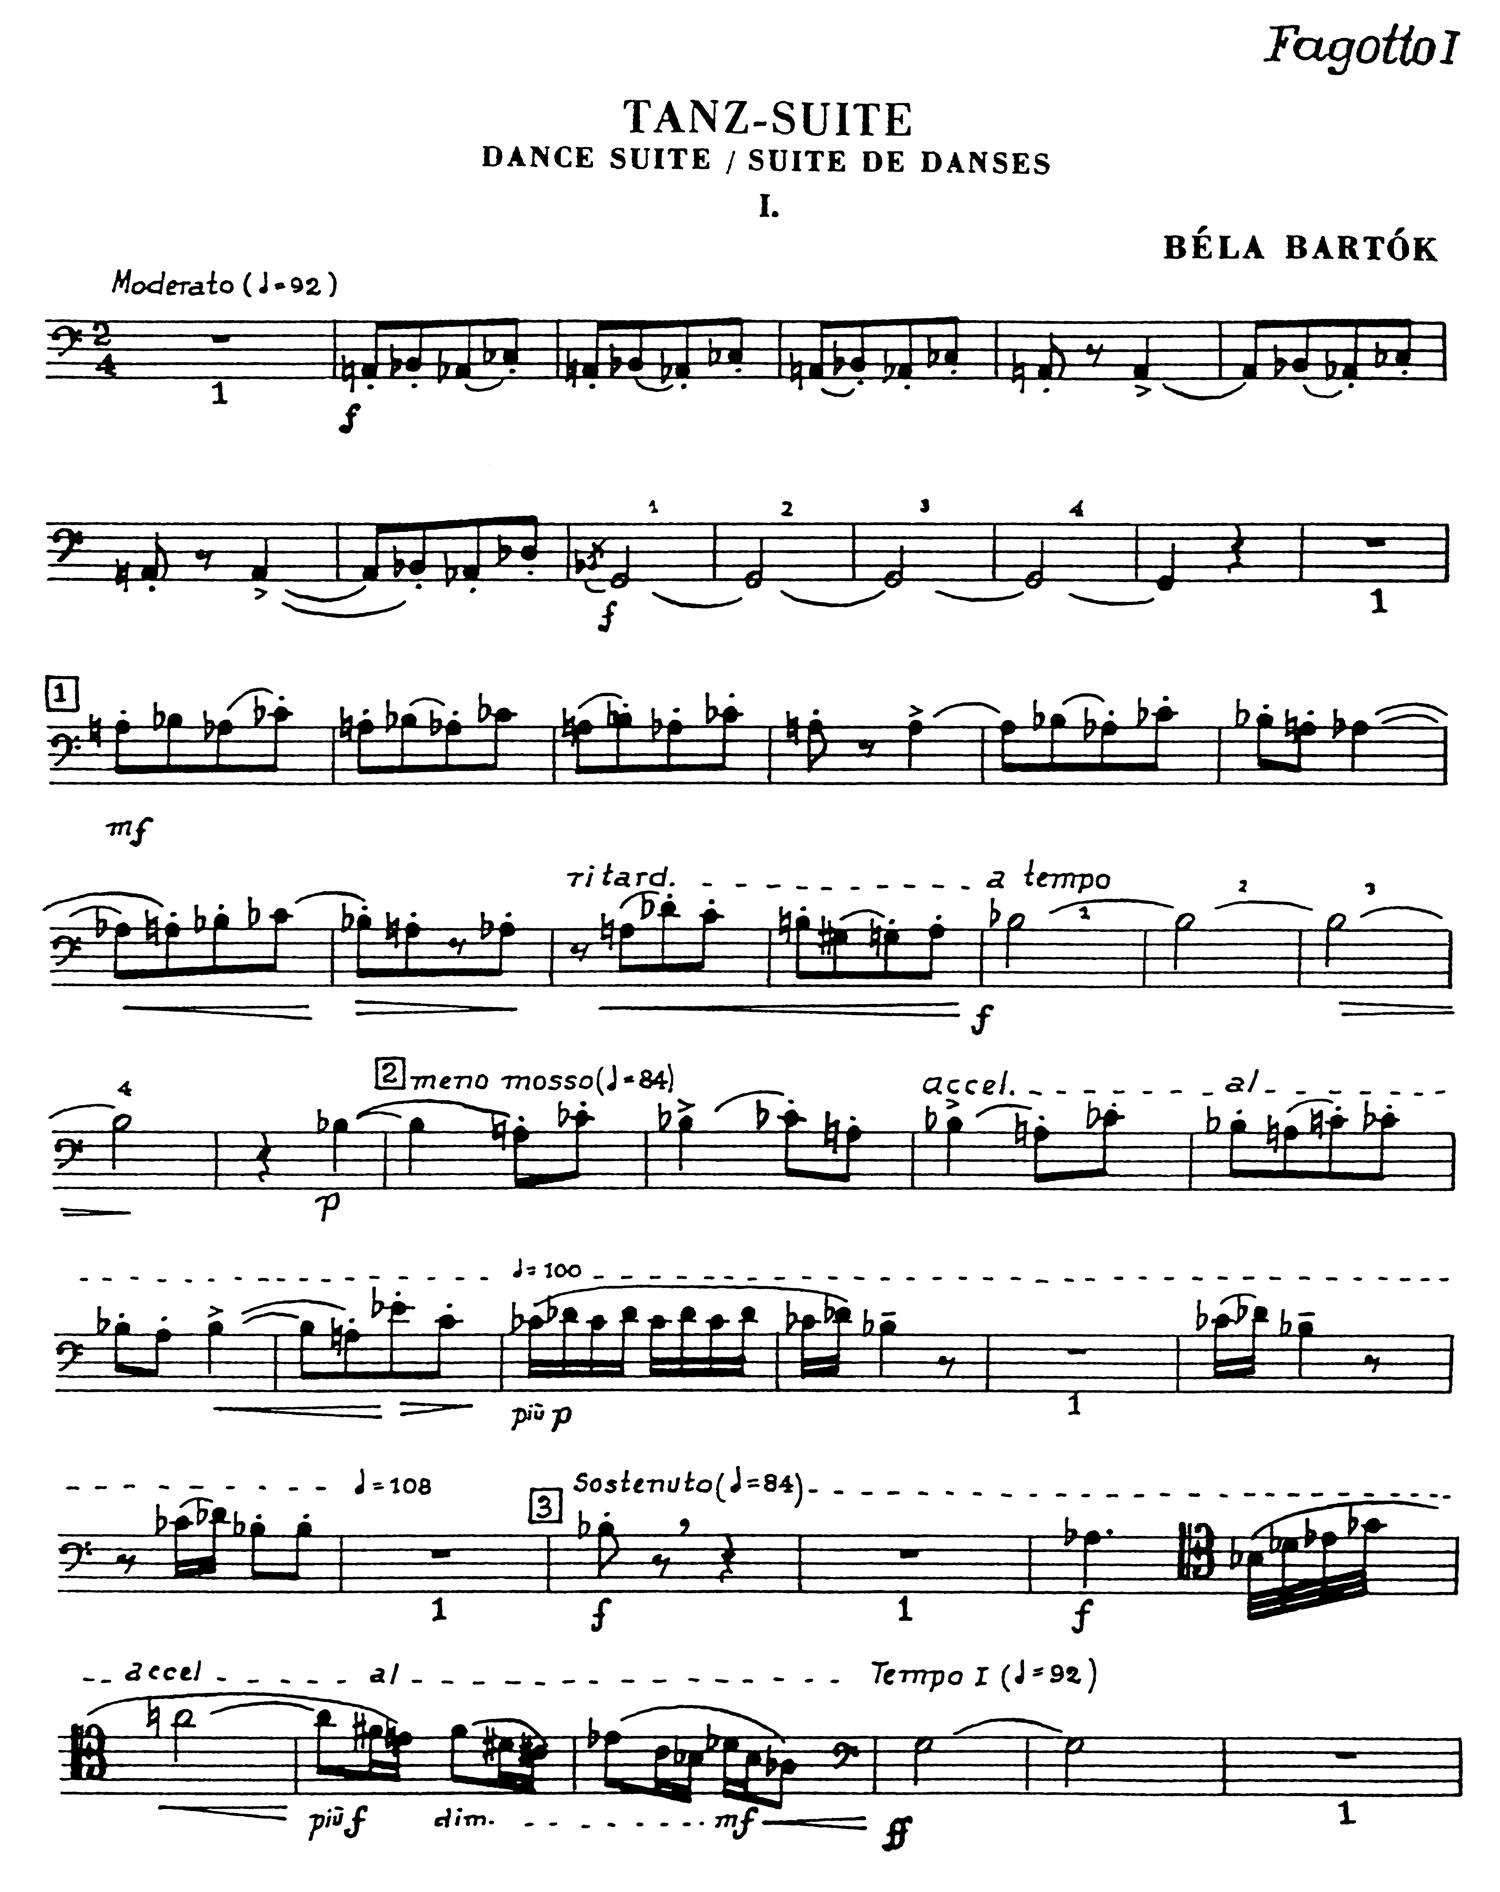 Bartok Dance Suite Part 1.jpg